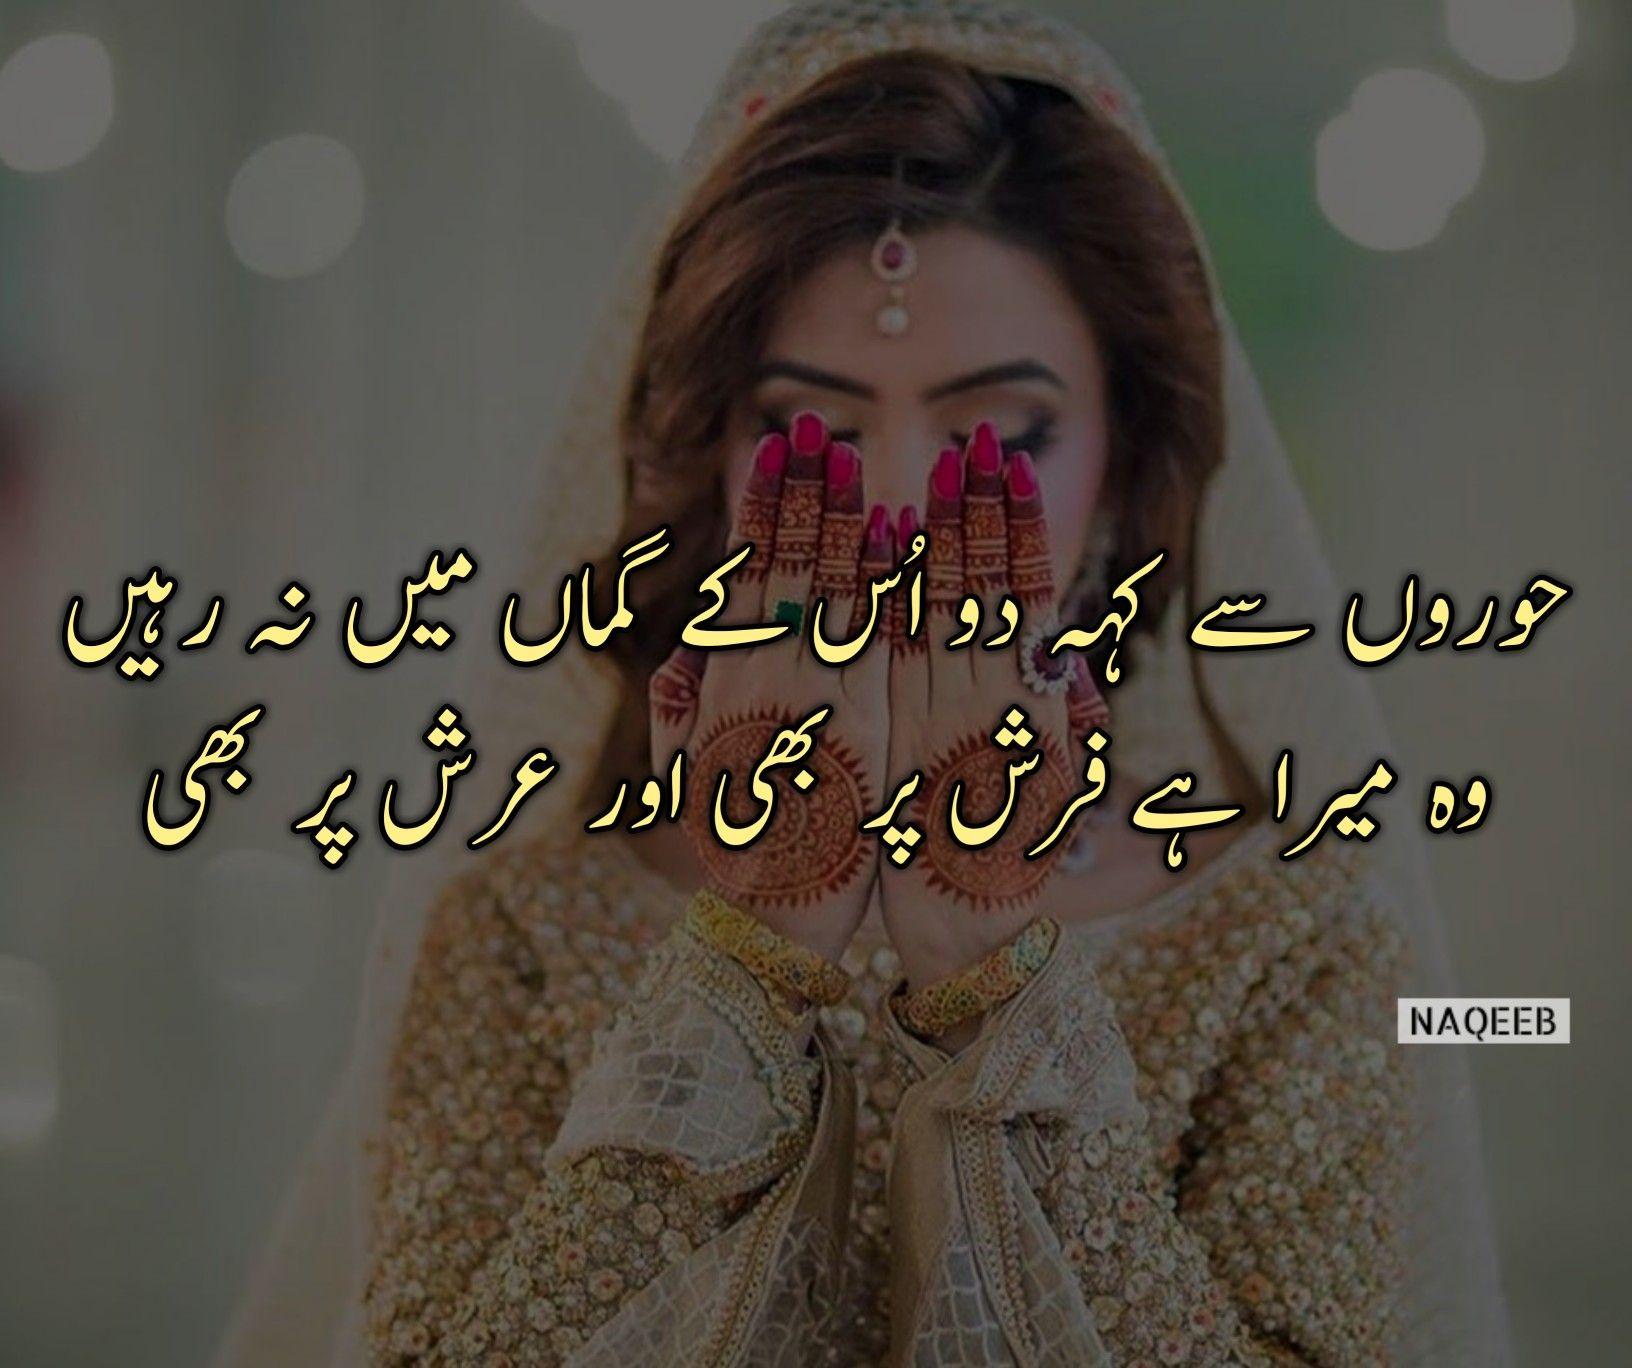 2 Line Urdu Poetry Hd Image Love Romantic Poetry Love Quotes Poetry Urdu Poetry Romantic